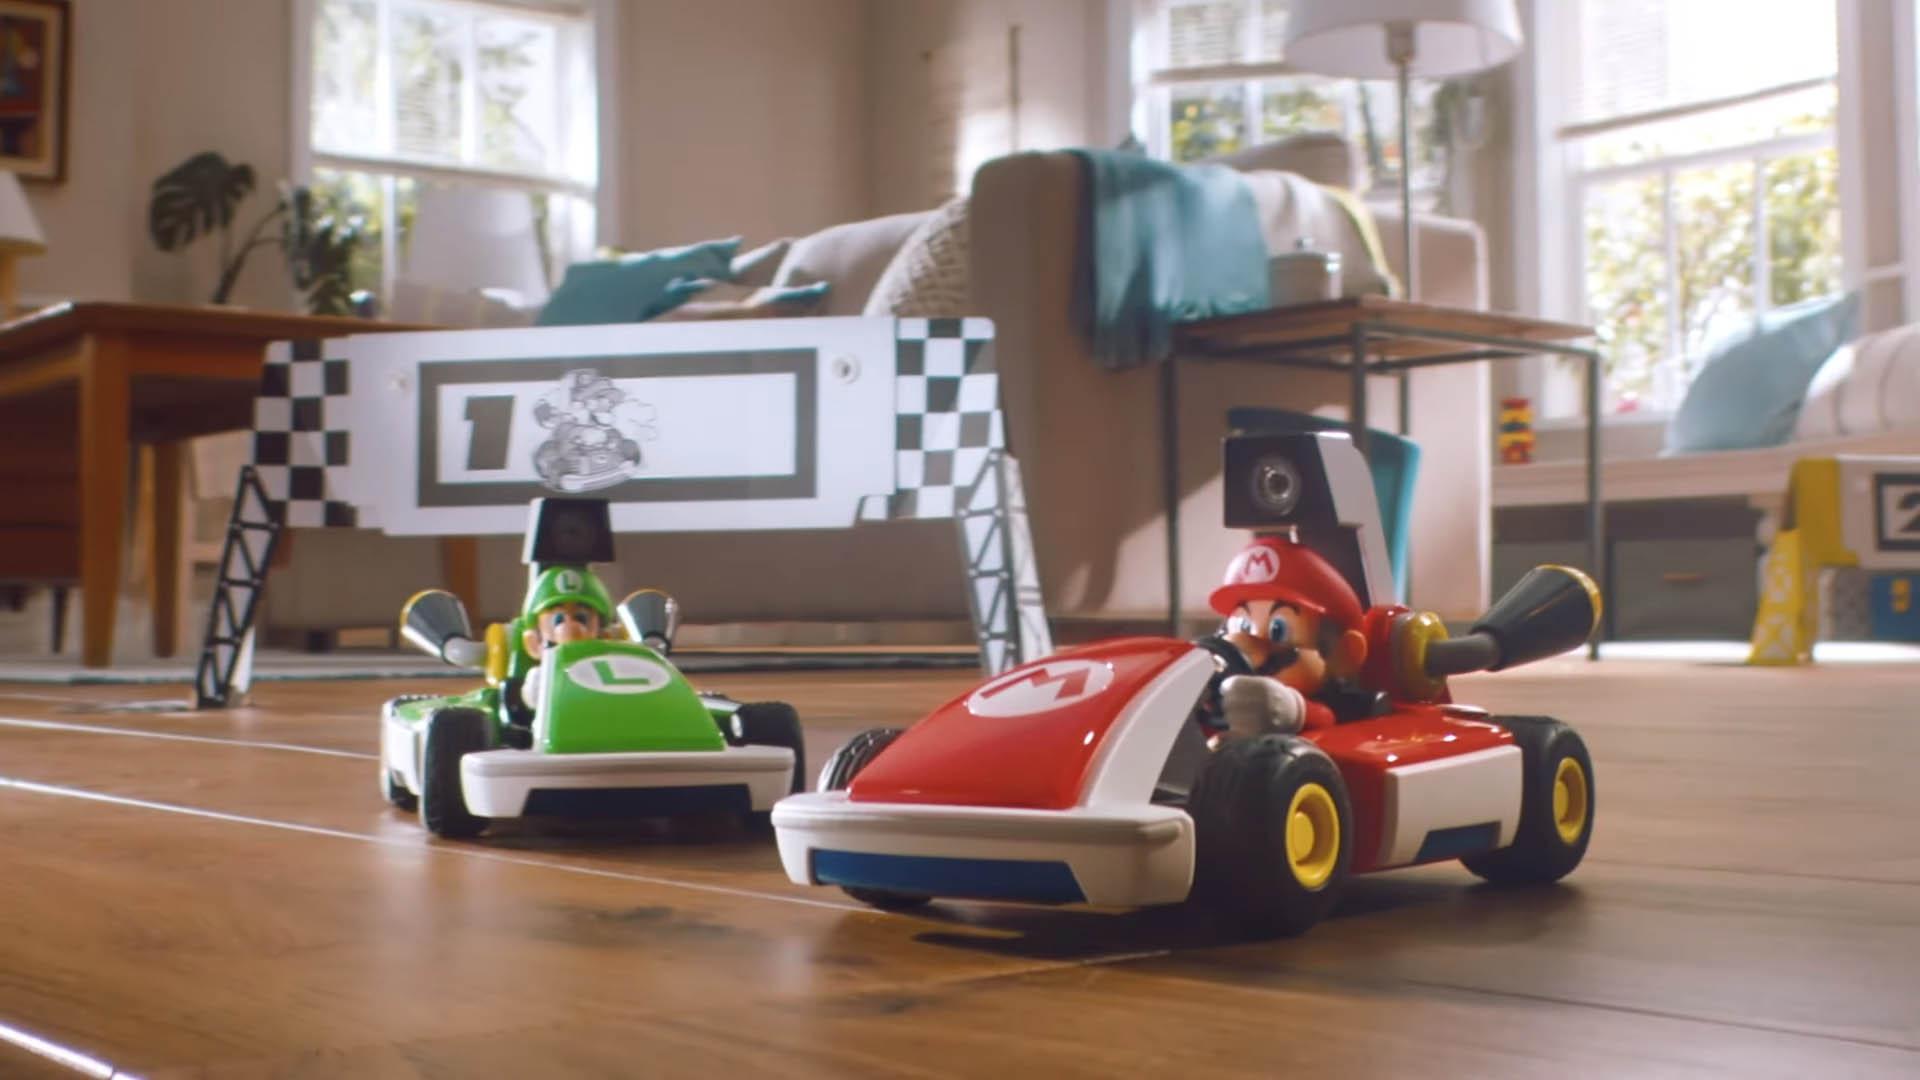 Mario Kart Live - Home Circuit